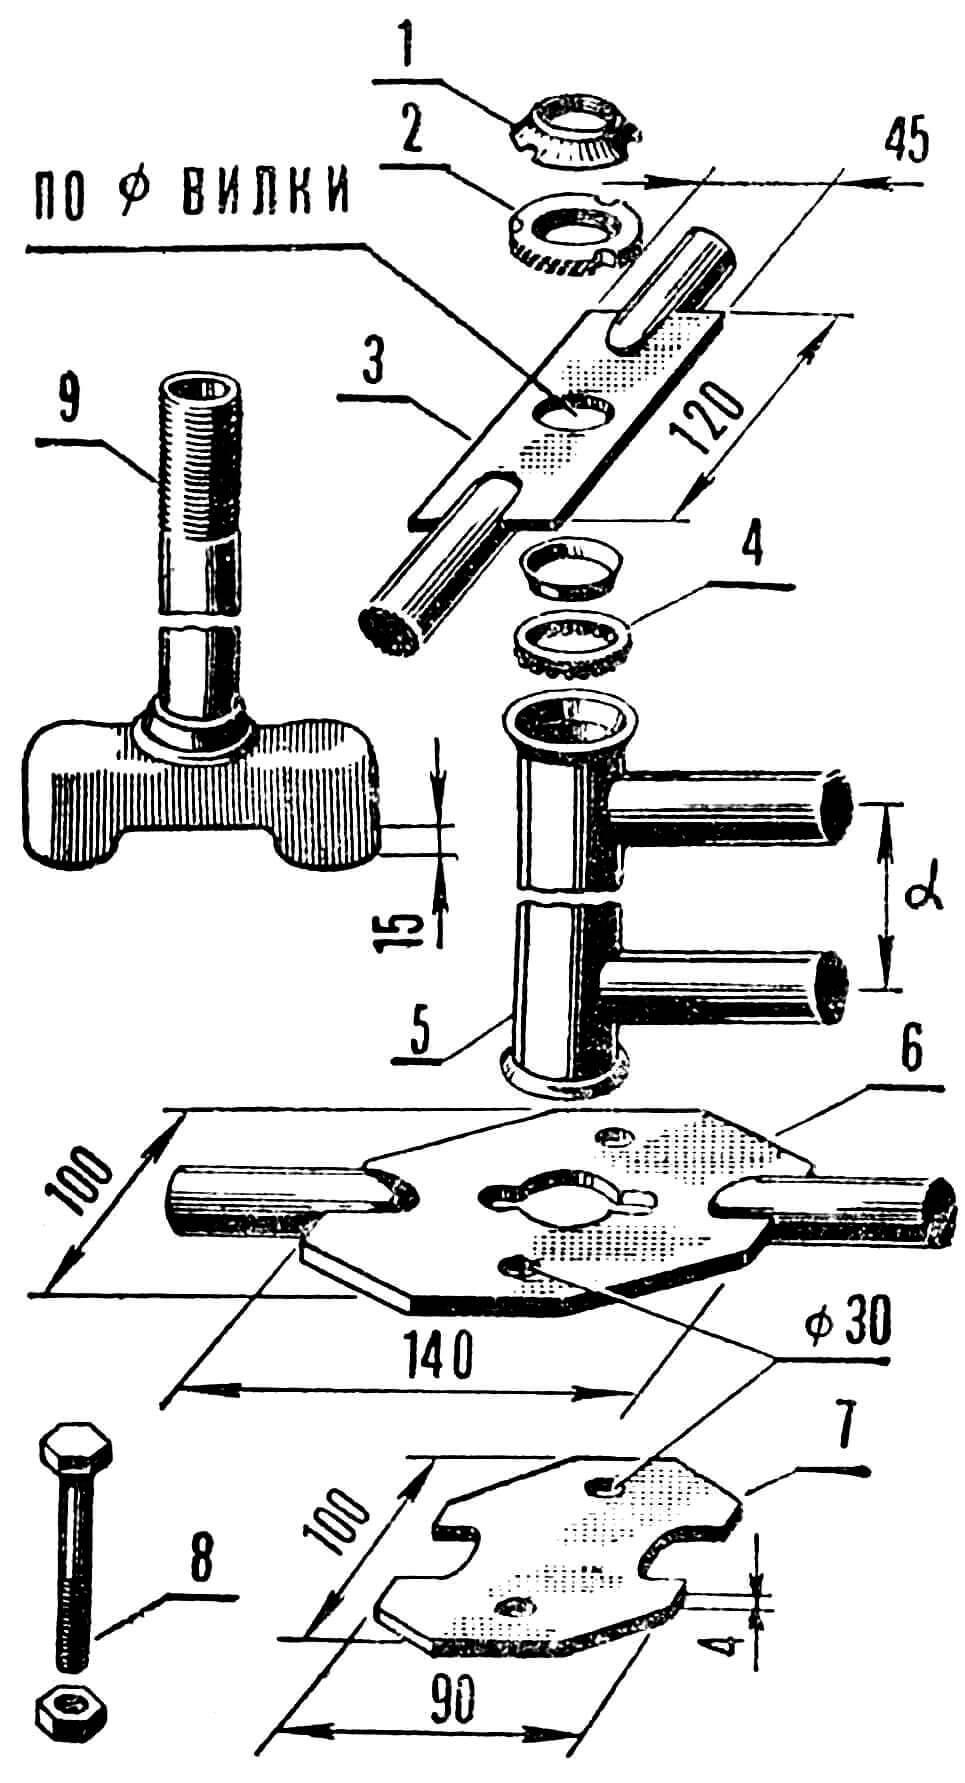 Рис. 6. Схема монтажа: 1 — контргайка; 2 — гайка; 3 — верхняя планка; 4 — подшипник; 5 — рулевая колонка; 6 — нижняя планка; 7 — закрепляющая планка; 8 — болт М12 соединения планок и гайка М12.